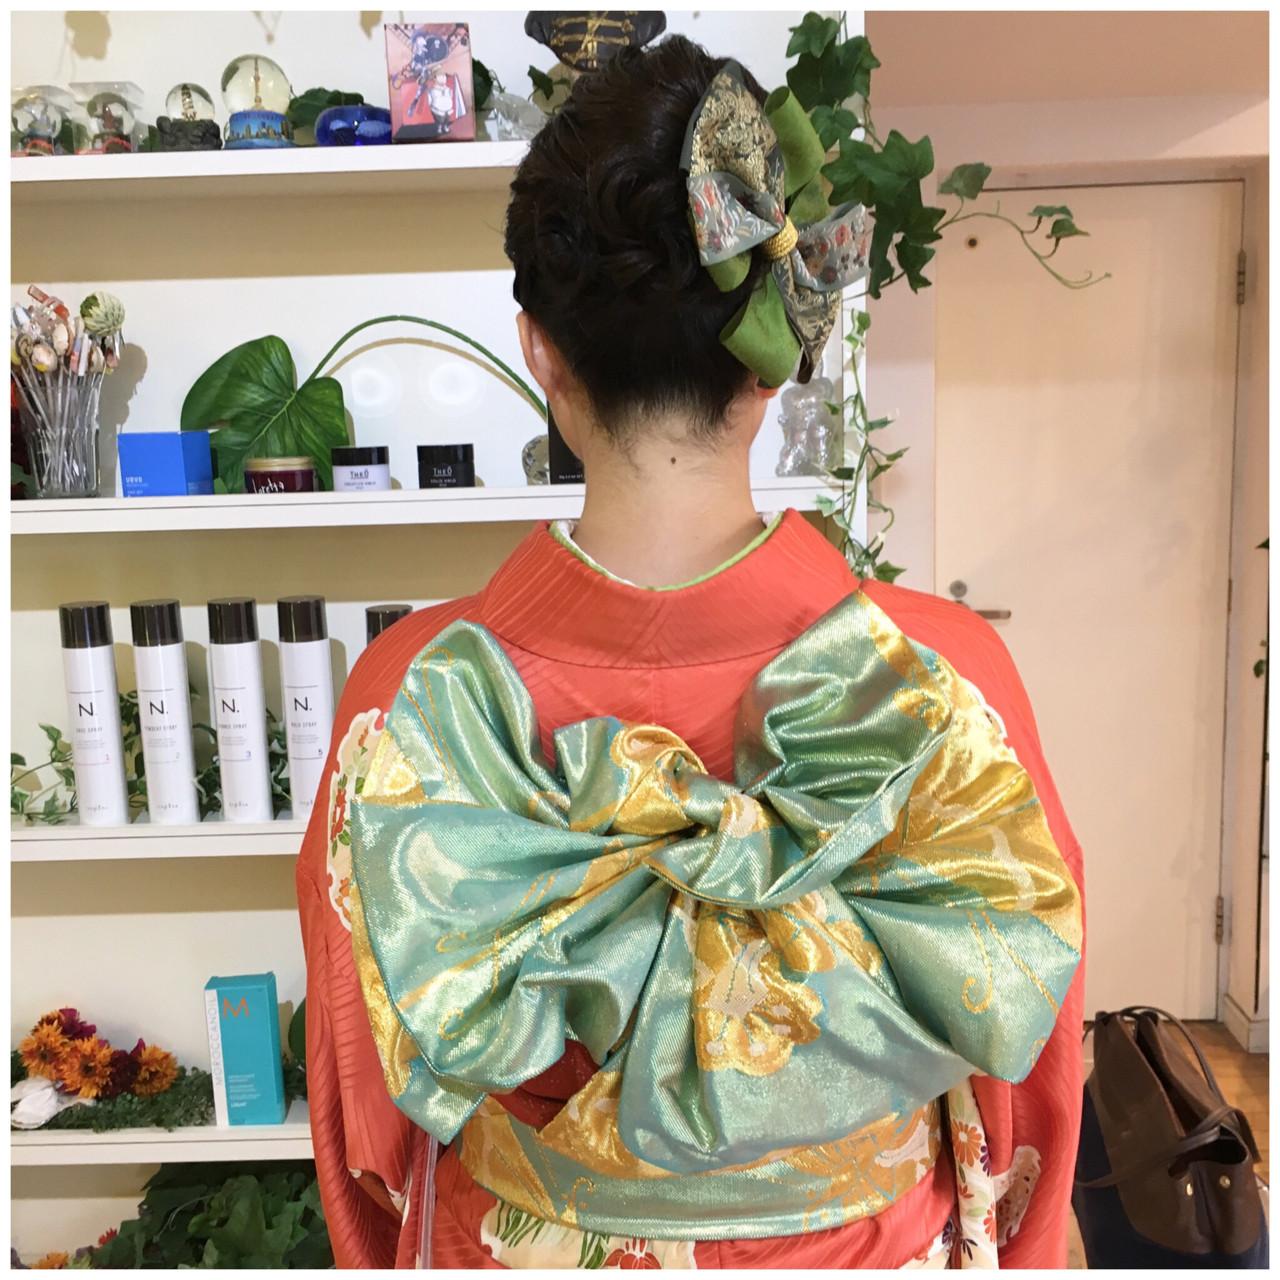 ゴージャスなヘアアクセで和装をおしゃれに Yumi Hiramatsu